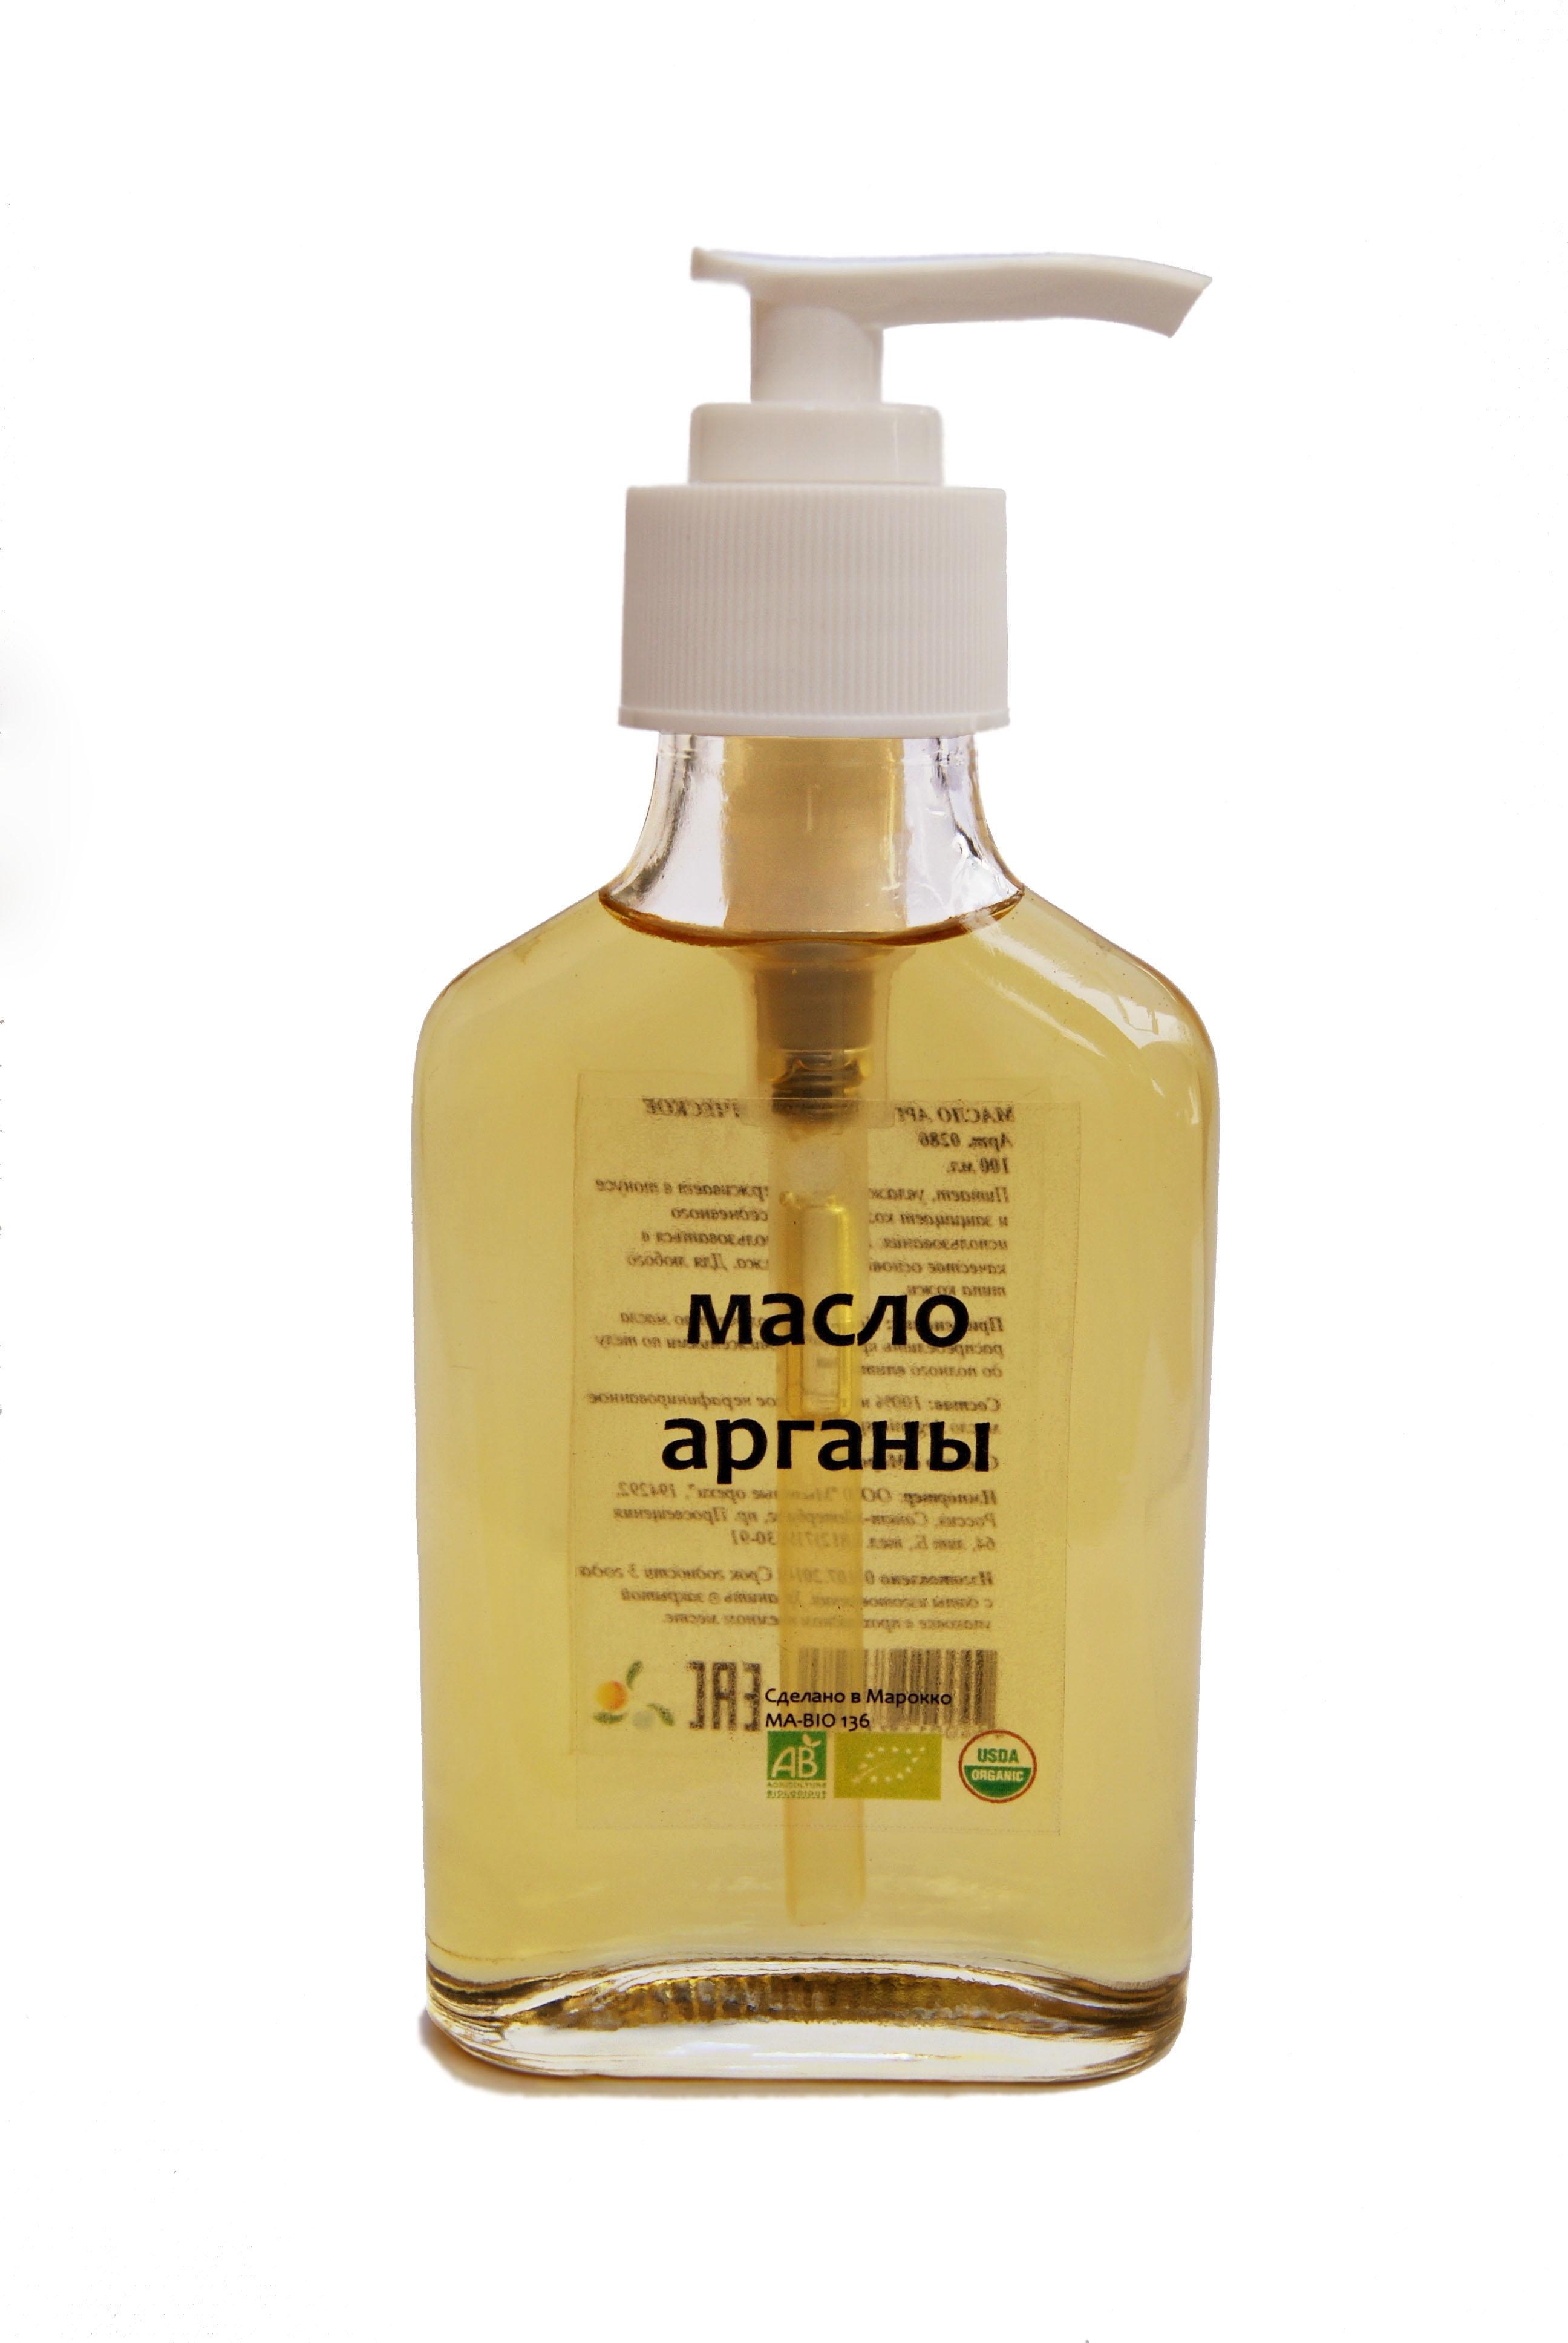 Купить аргановое масло можно тут: